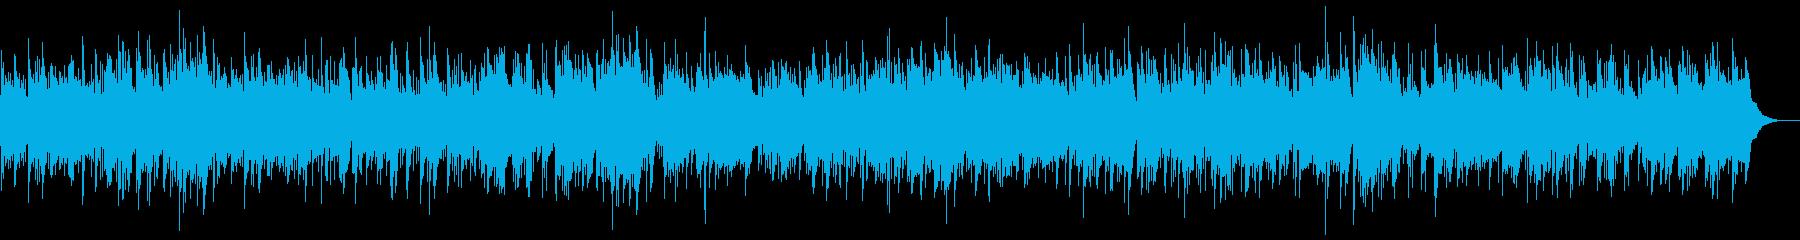 アイリッシュ民謡風バラードの再生済みの波形